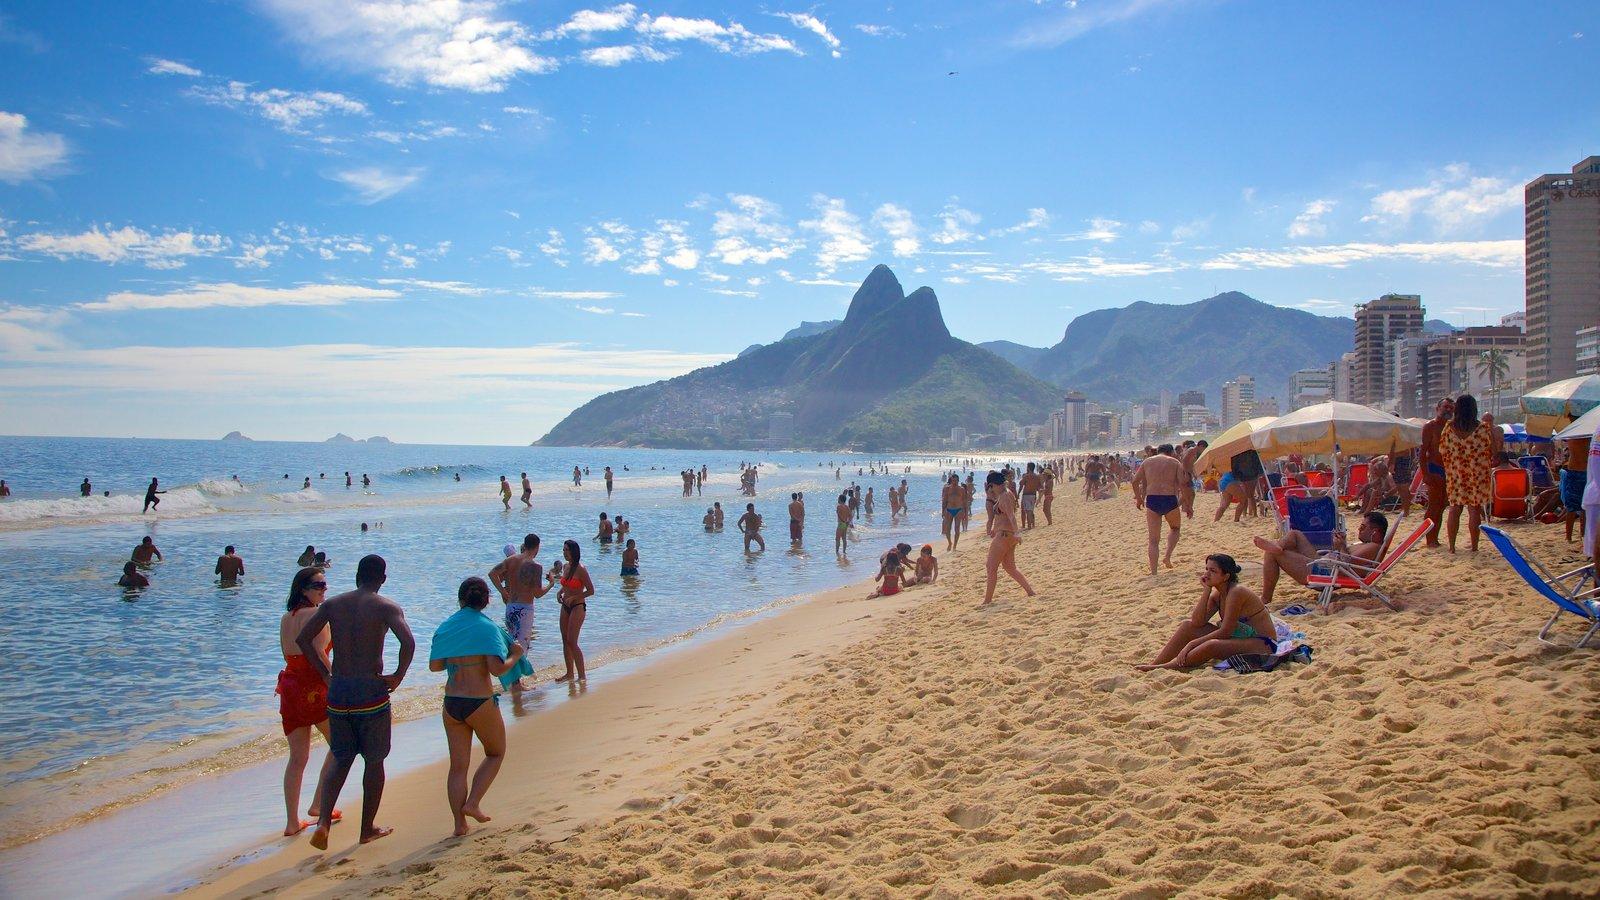 Praia de Ipanema caracterizando uma praia assim como um grande grupo de pessoas